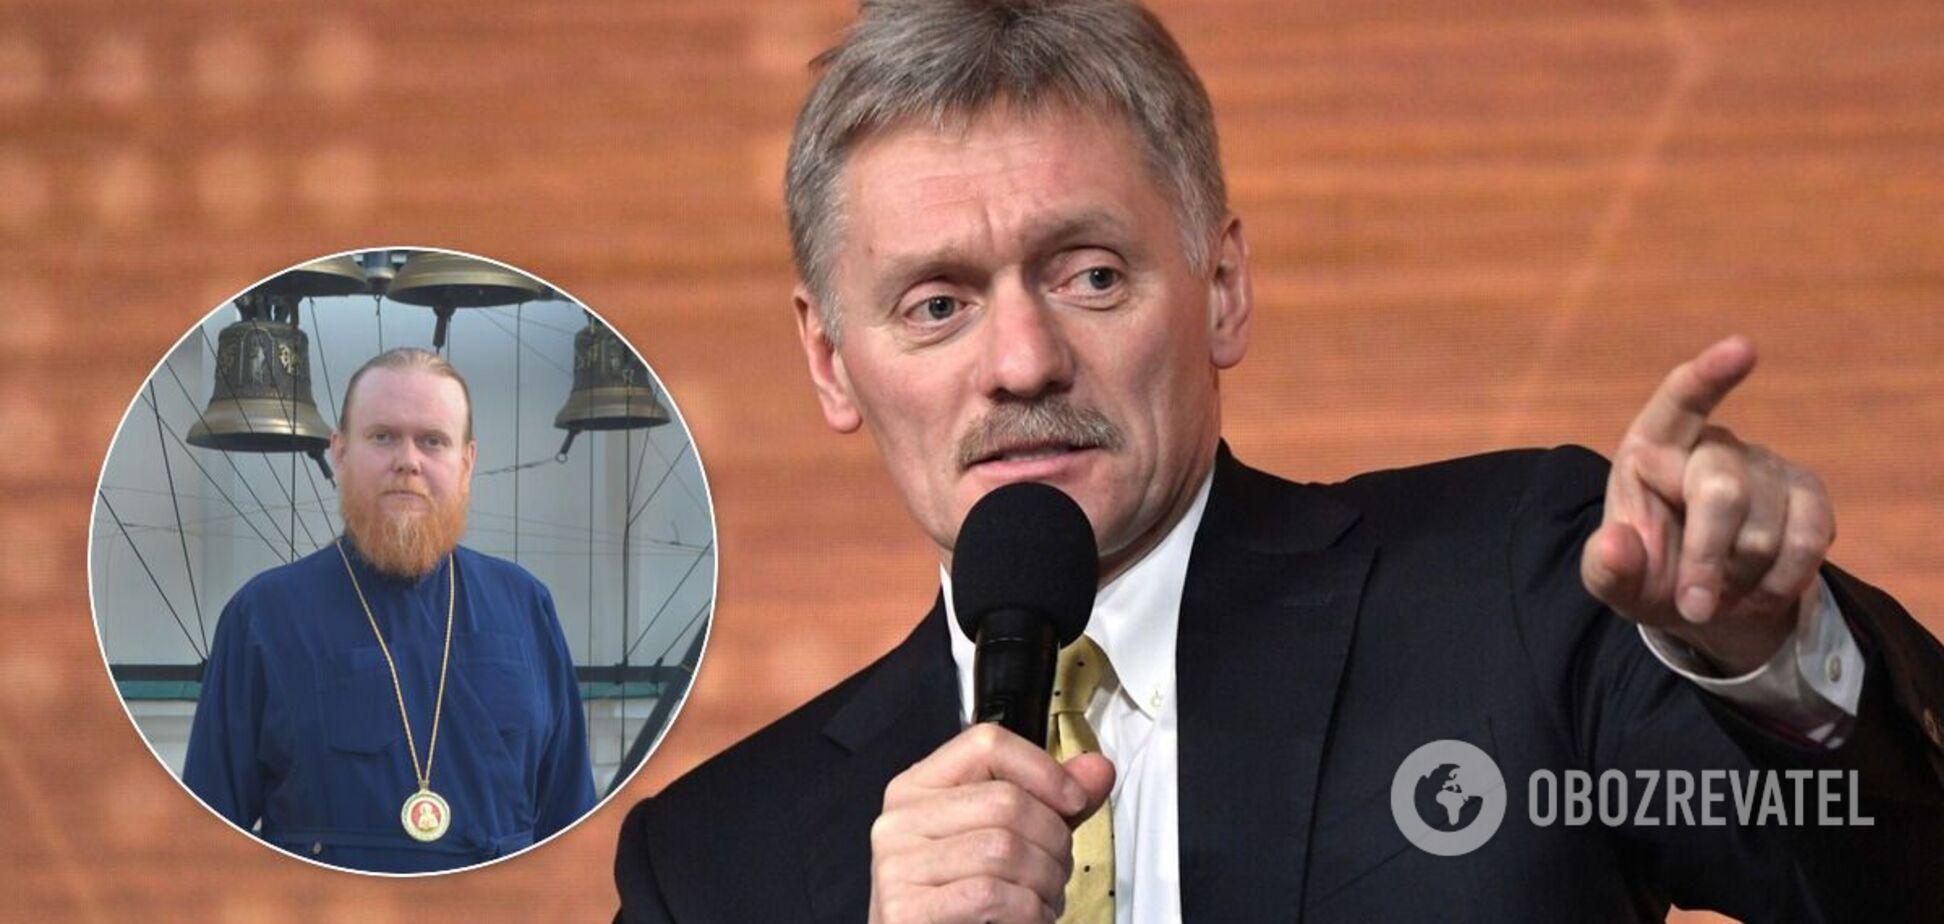 Евстратий Зоря и Дмитрий Песков